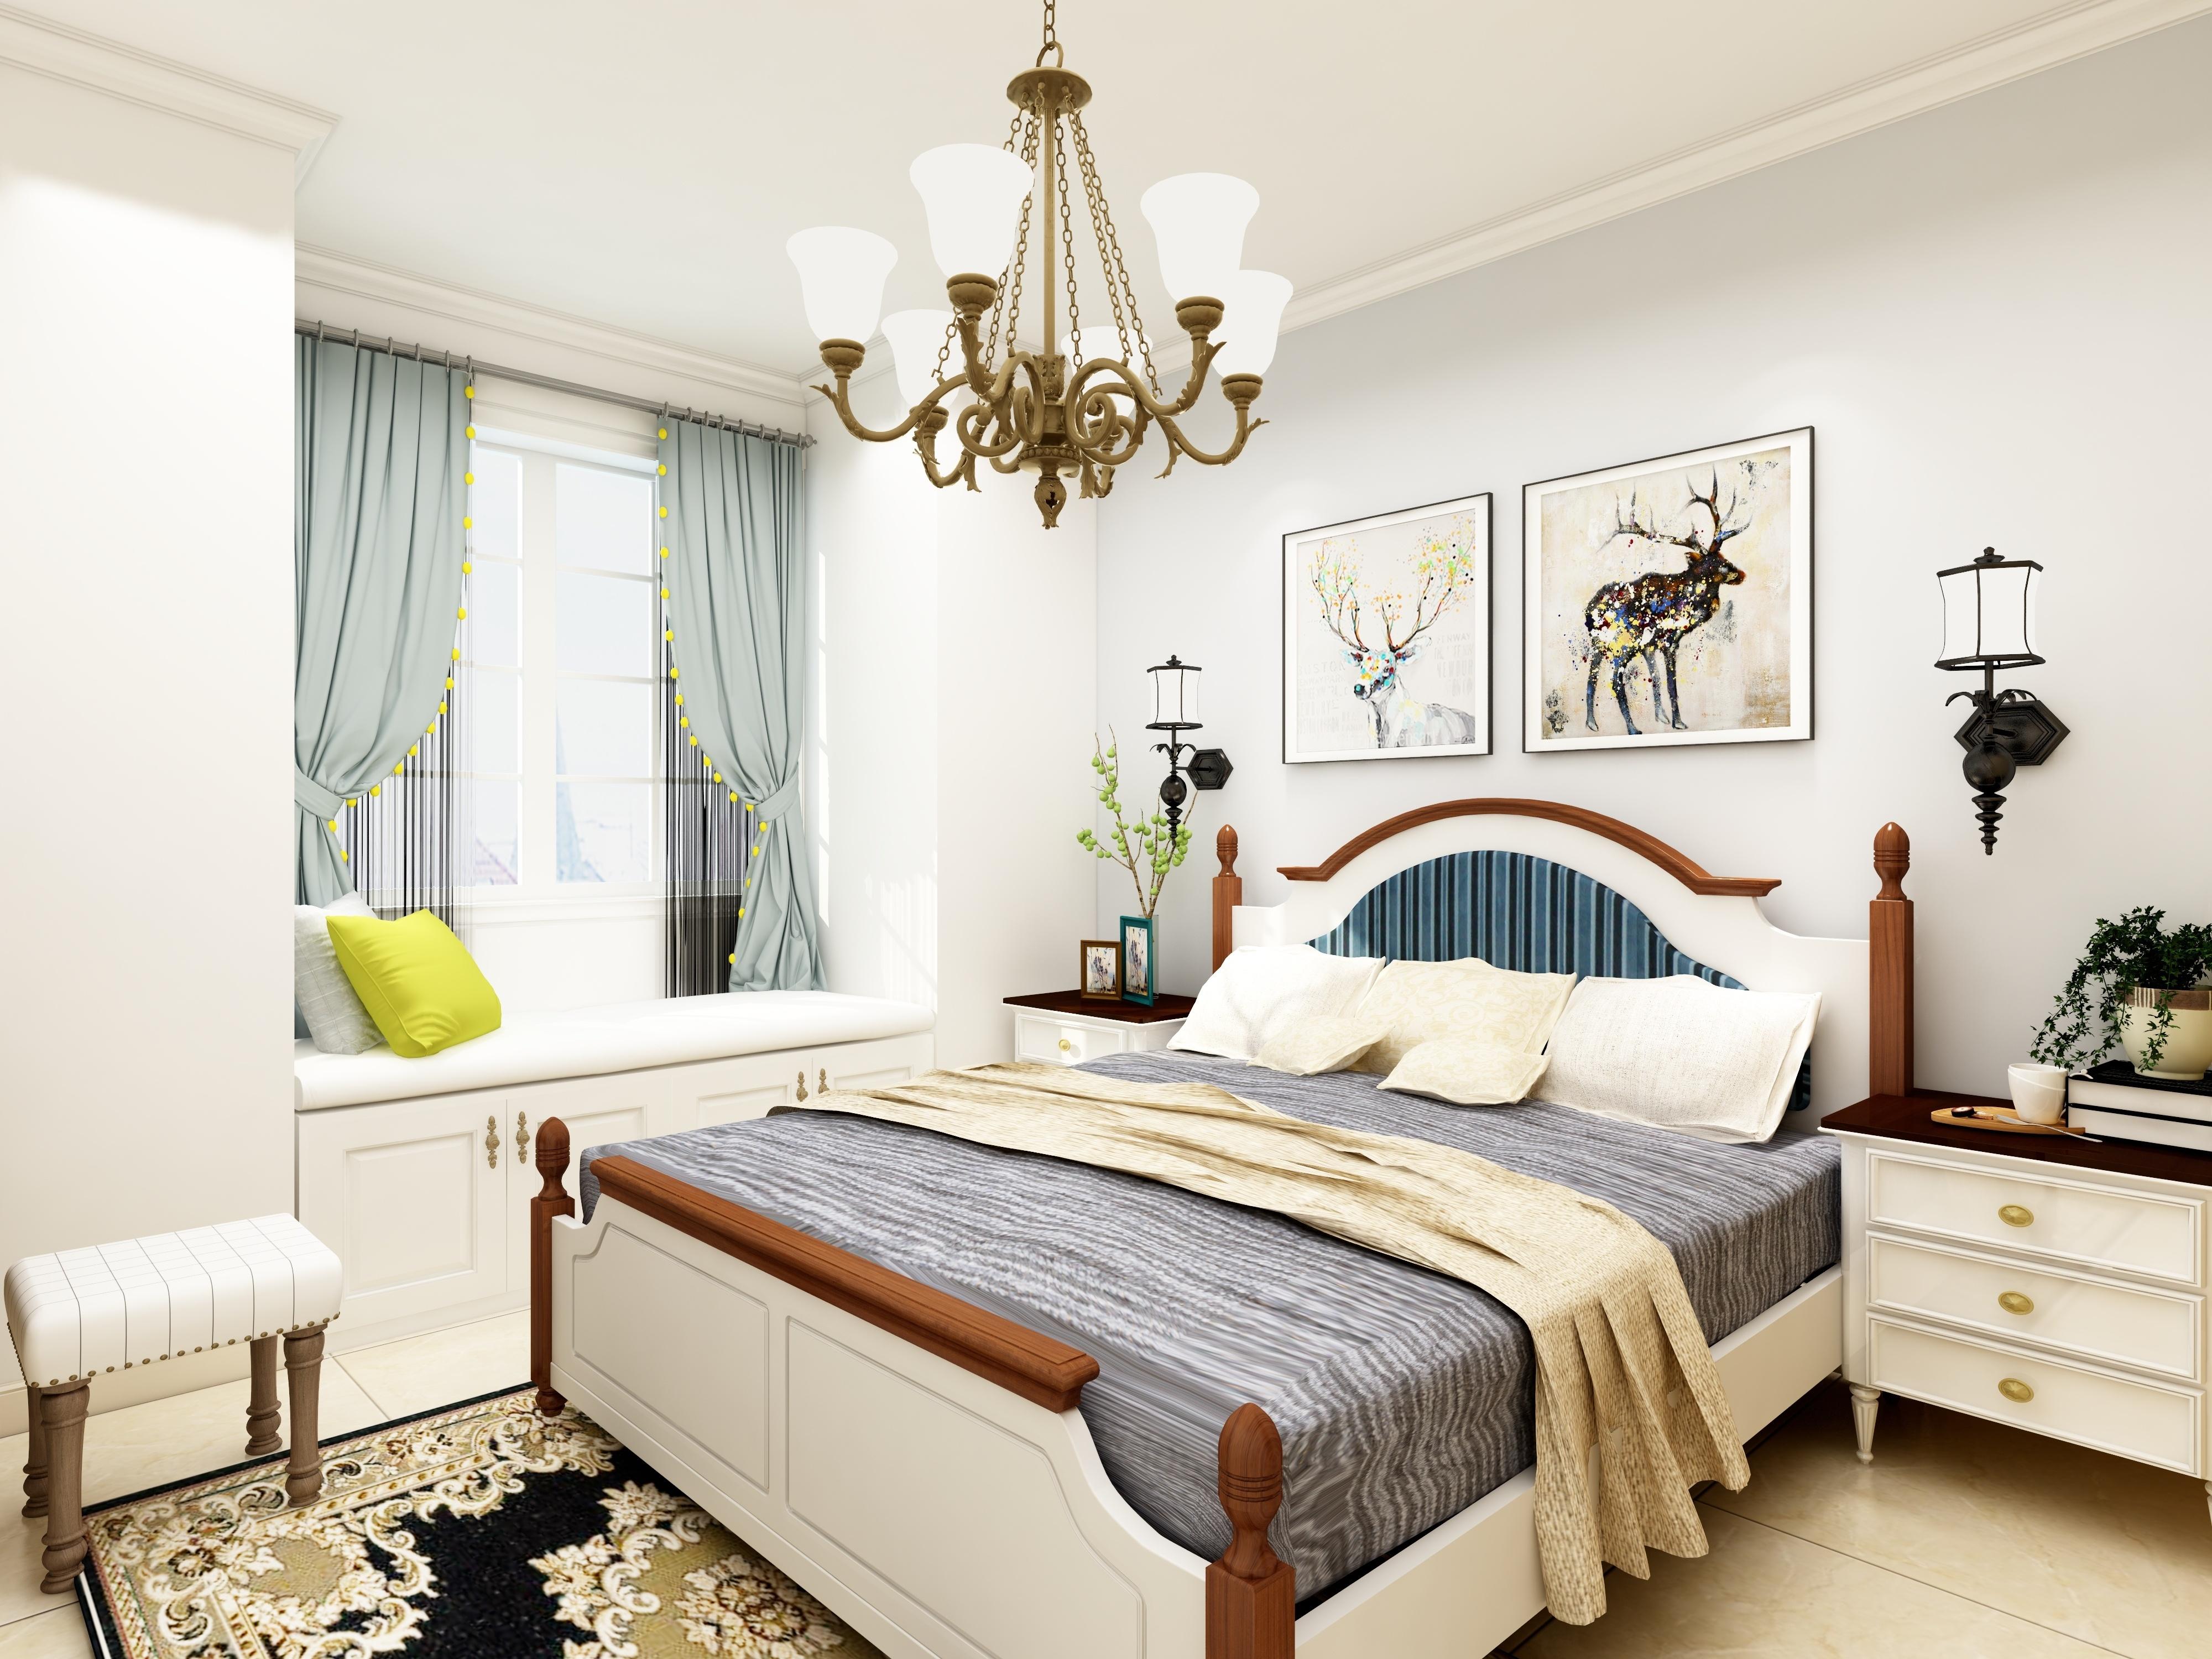 其它 正文  美式田园风格中客厅的家具通常具备简化的线条,粗犷的体积